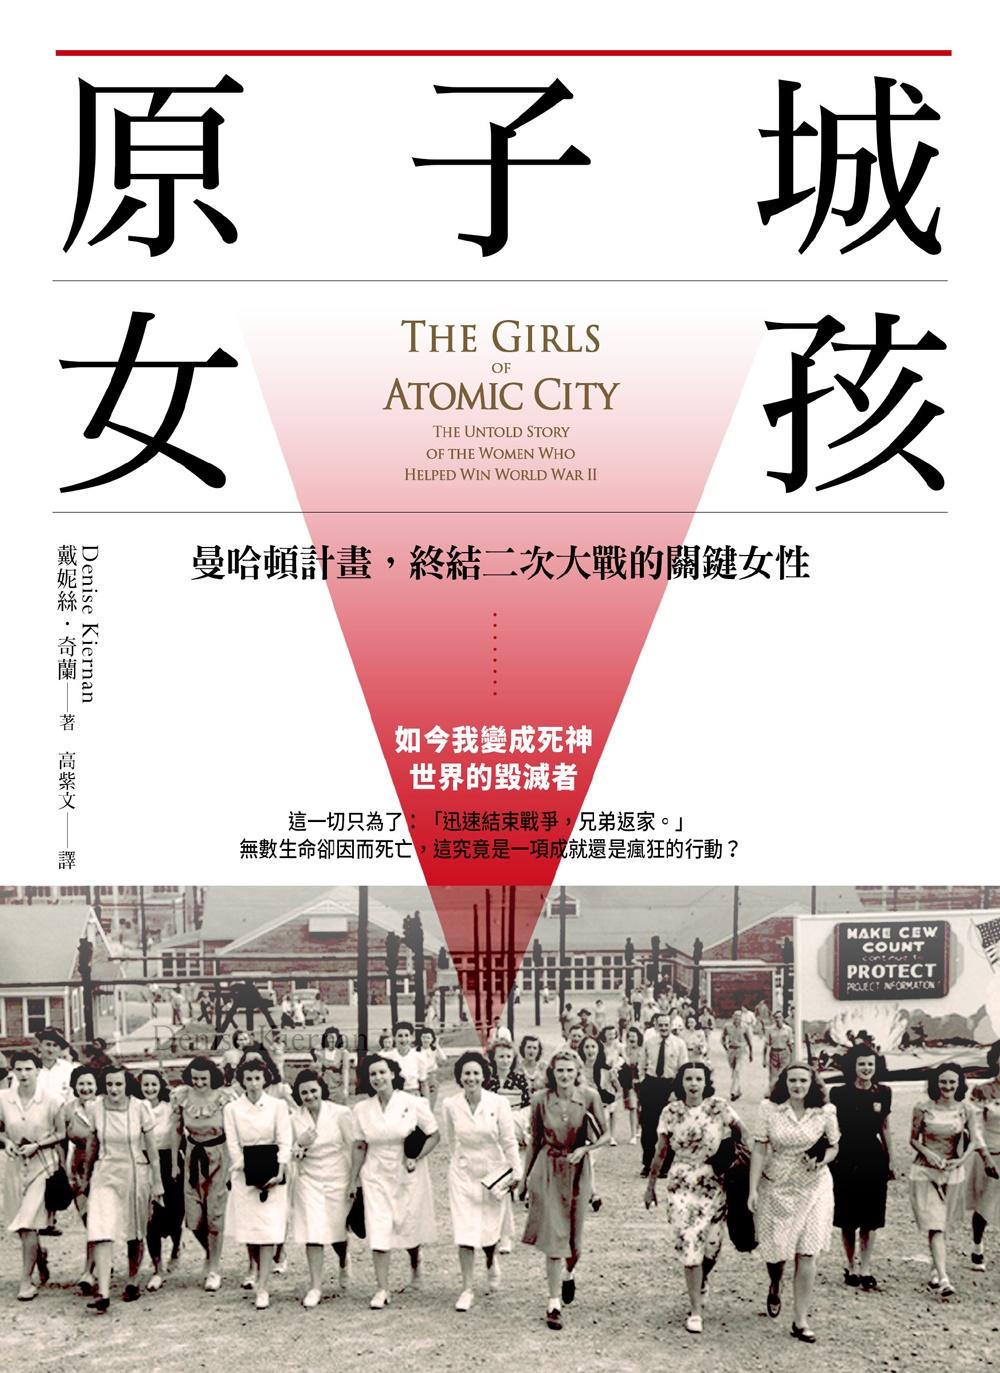 原子城女孩:曼哈頓計畫,終結二次大戰的關鍵女性